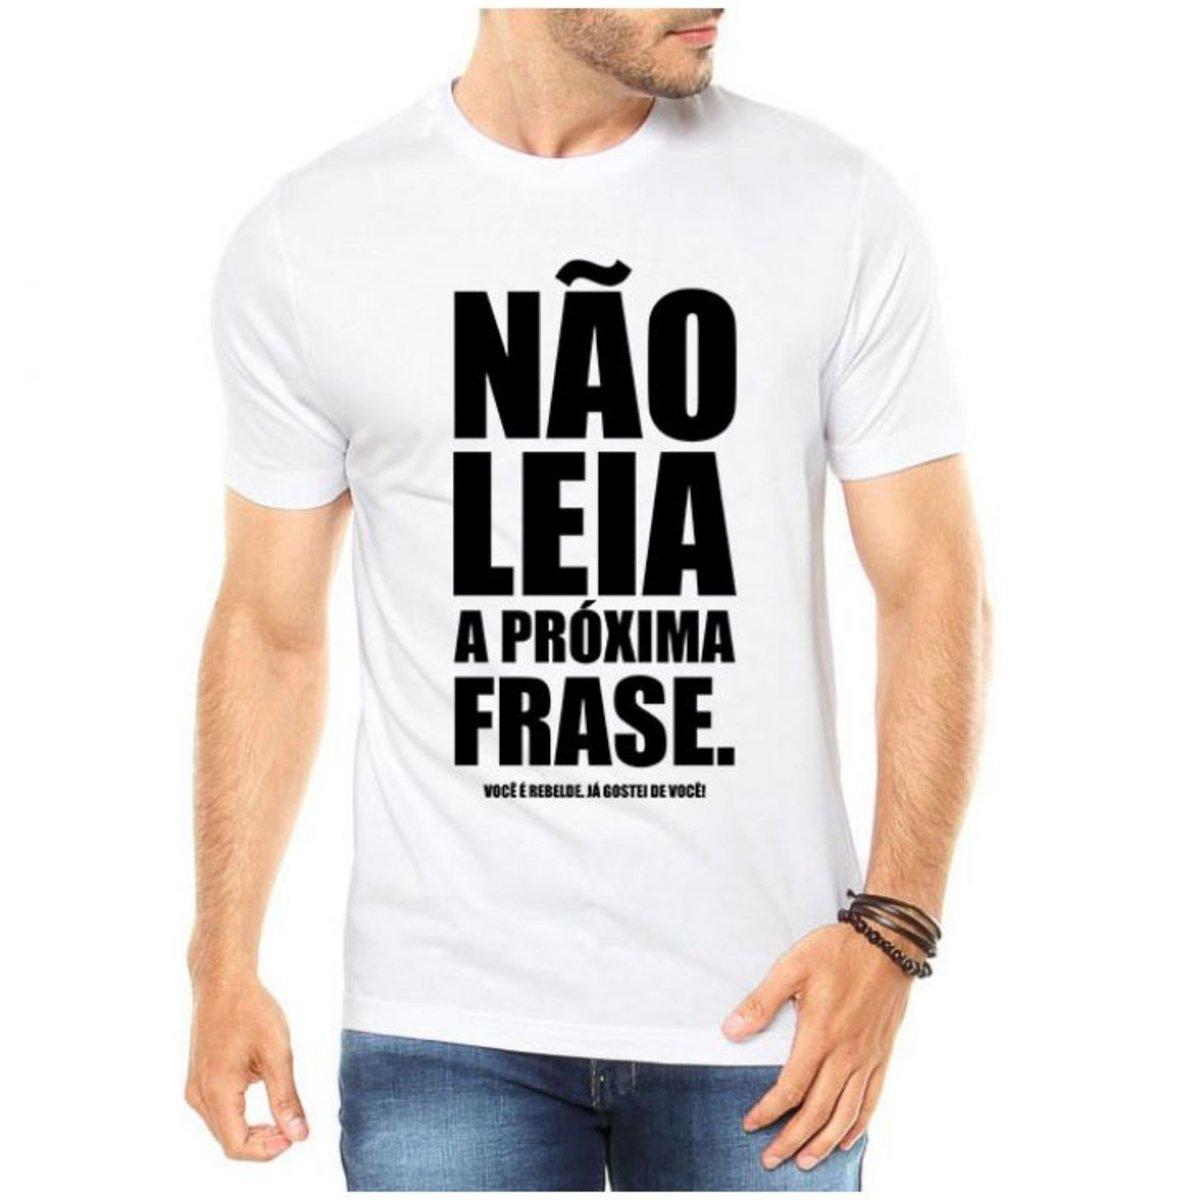 Camiseta Criativa Urbana Frases Engraçadas Não Leia - Branco - Compre Agora   dd4d8b56a1c